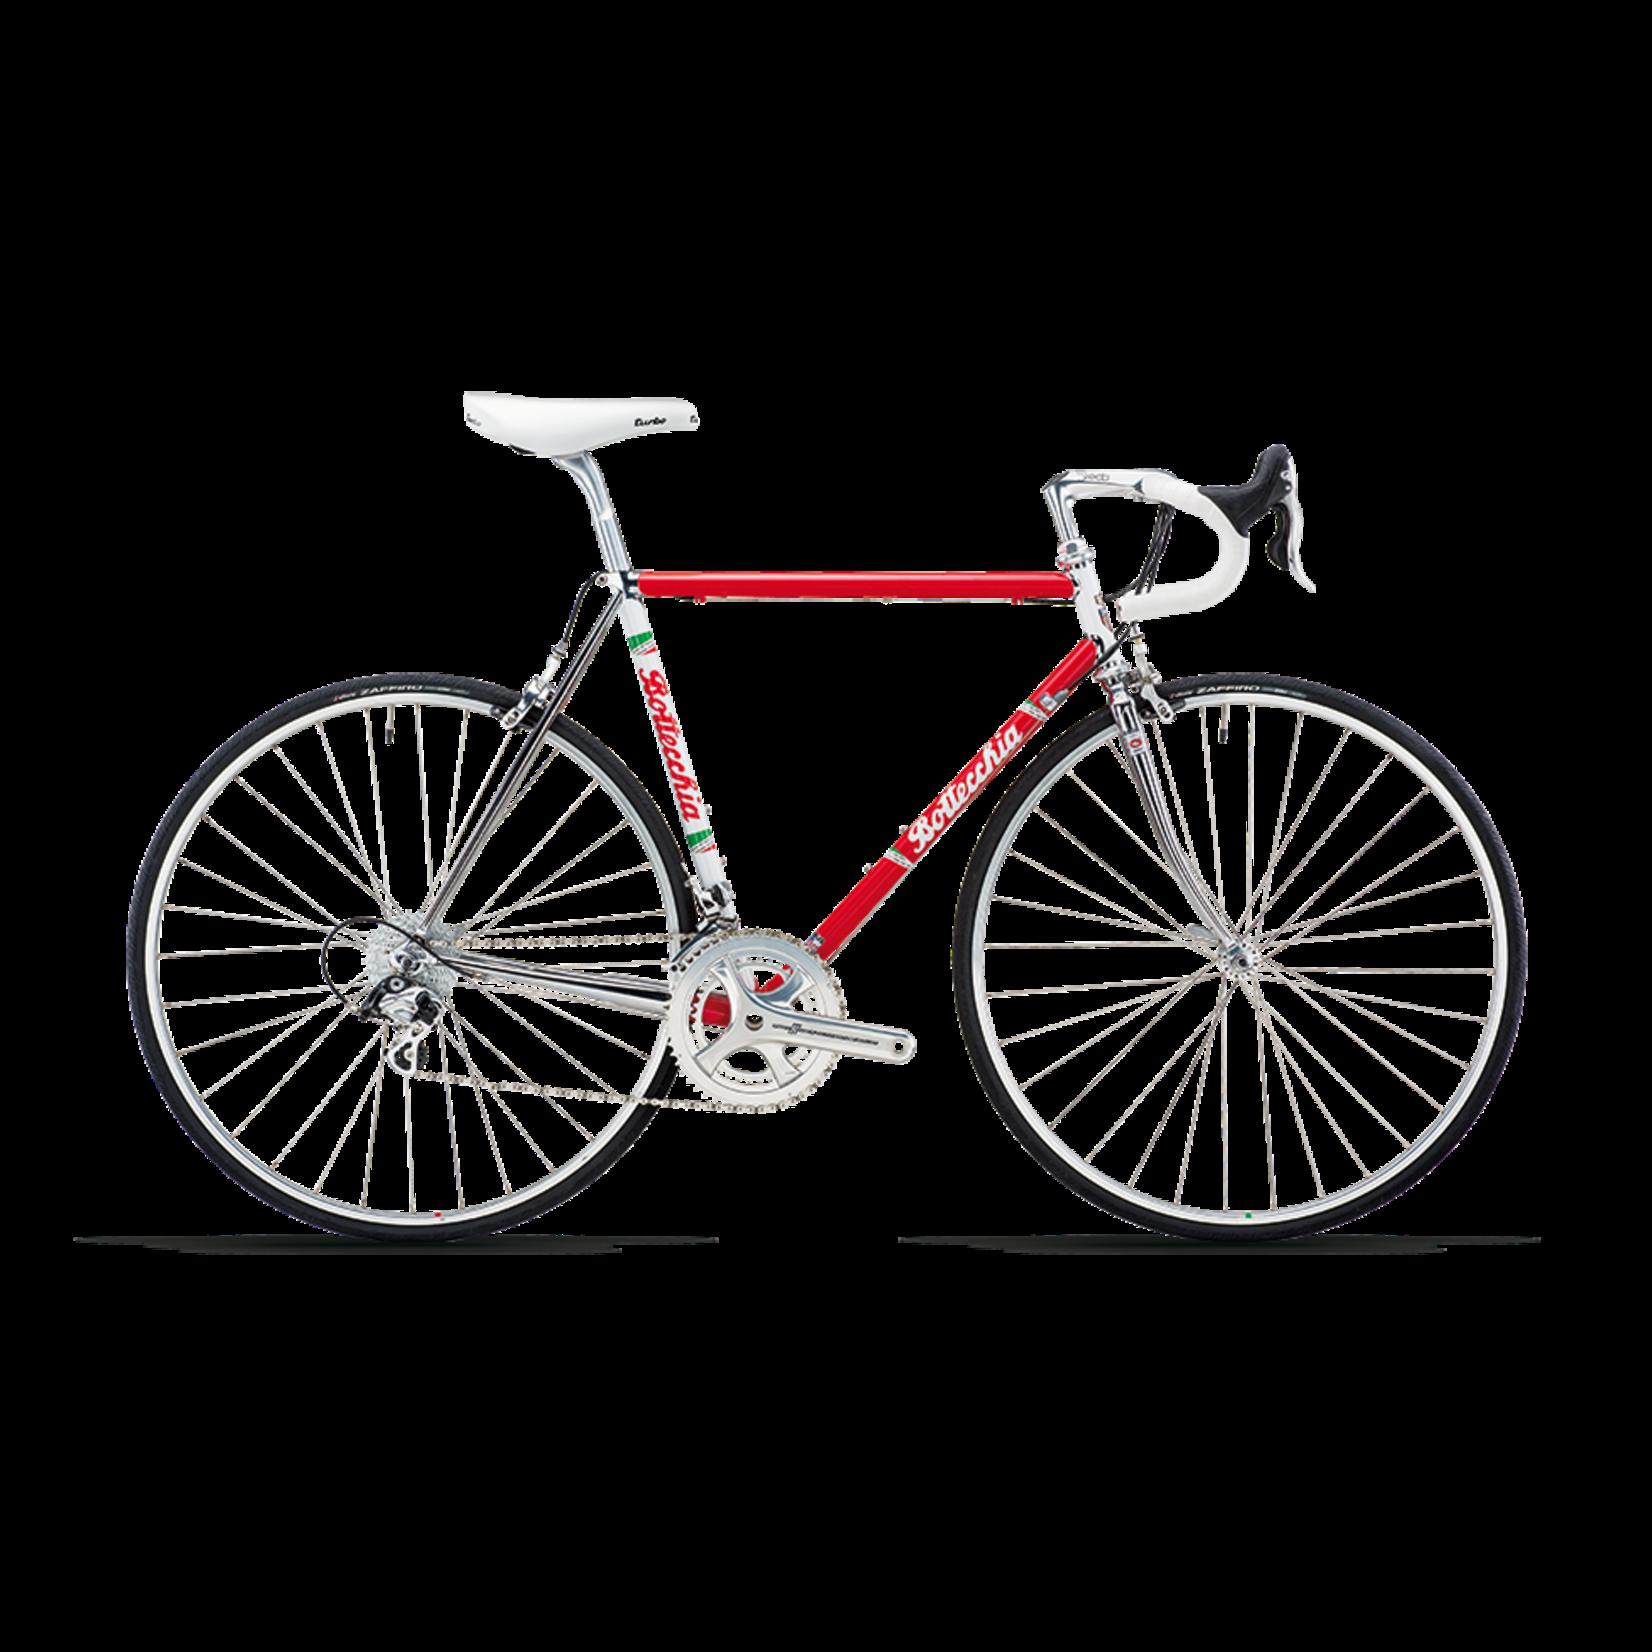 Bottecchia Bottecchia LEGGENDARIA 57 cm Red White frameset